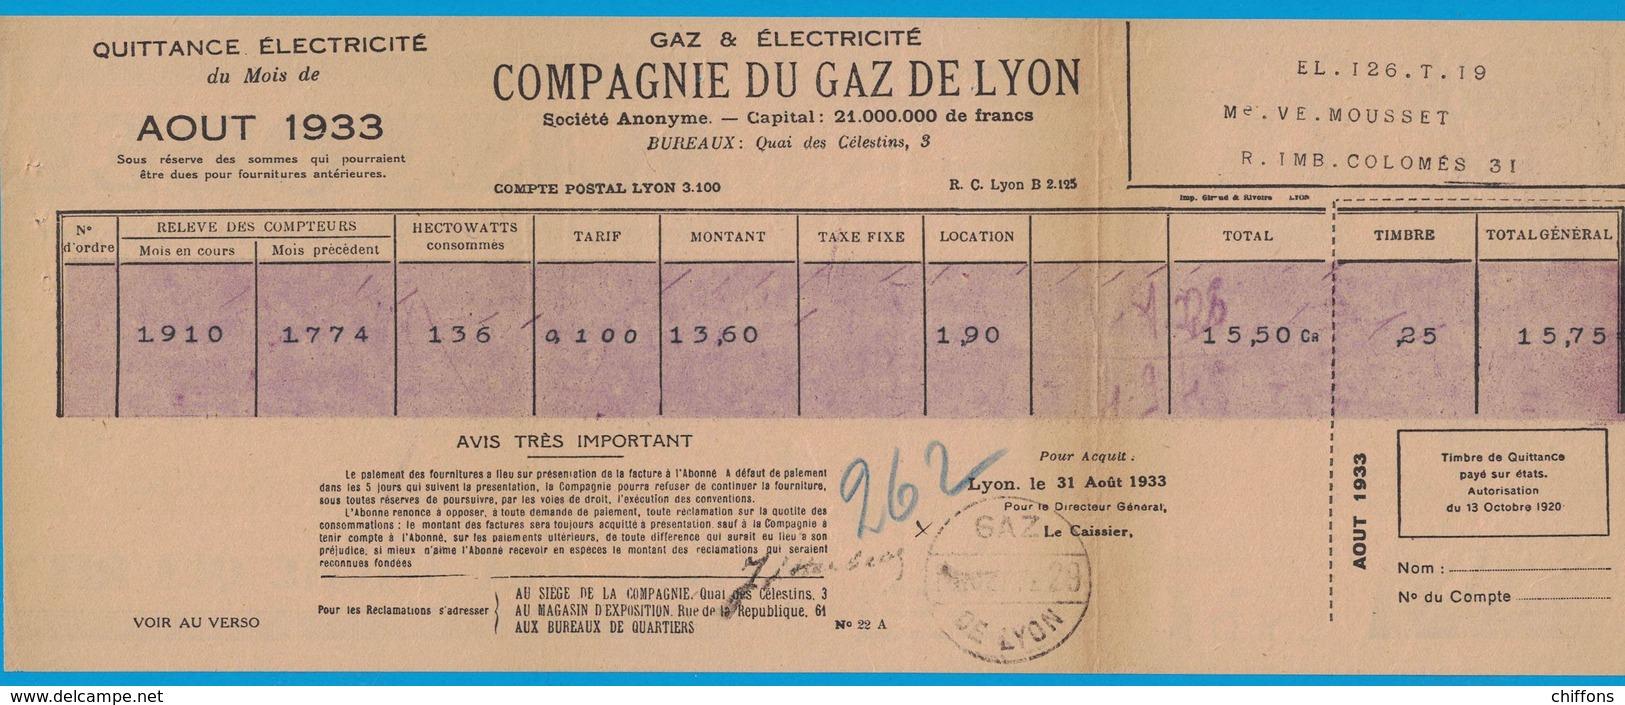 MALTOBEL CREATION LA VACHE QUI RIT . L'AERABLE PLUIE 2 PLACE BELLECOUR RUE DU PLAT / COMPAGNIE DU GAZ DE LYON 1933 - Publicités